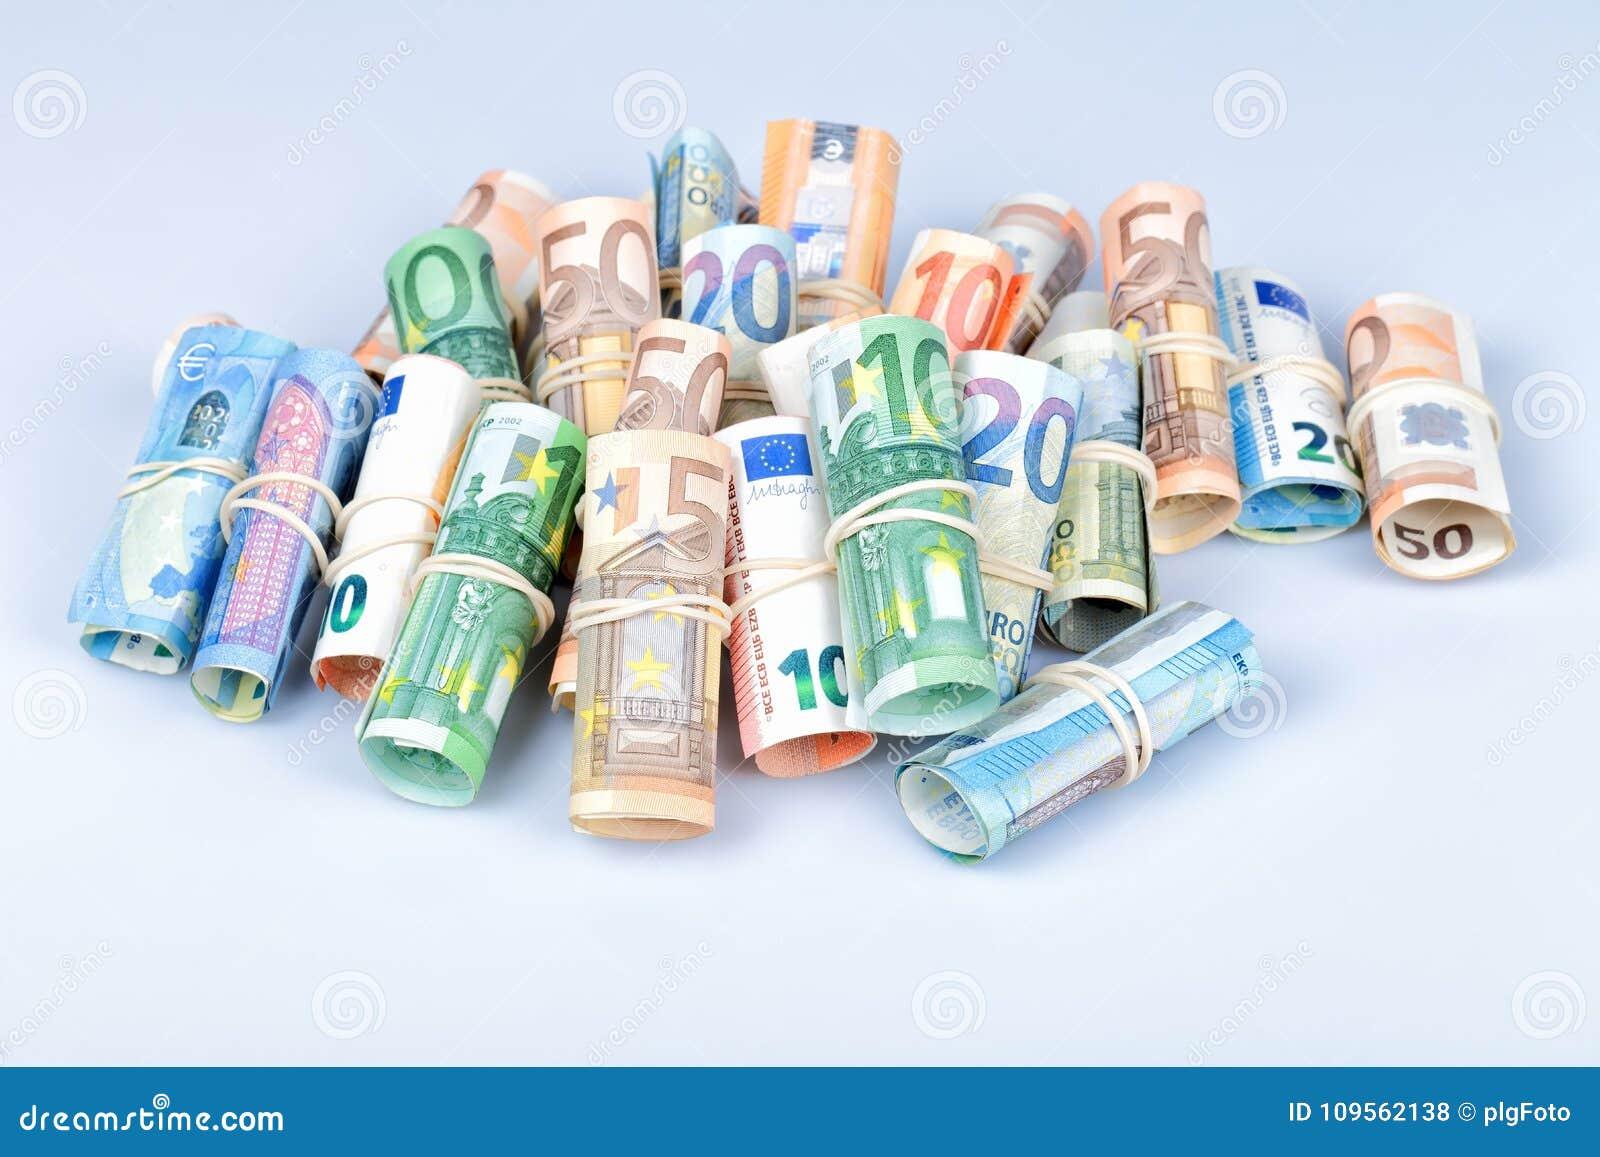 Les euro factures plus employées par des Européens sont ceux de 5 10 20 50